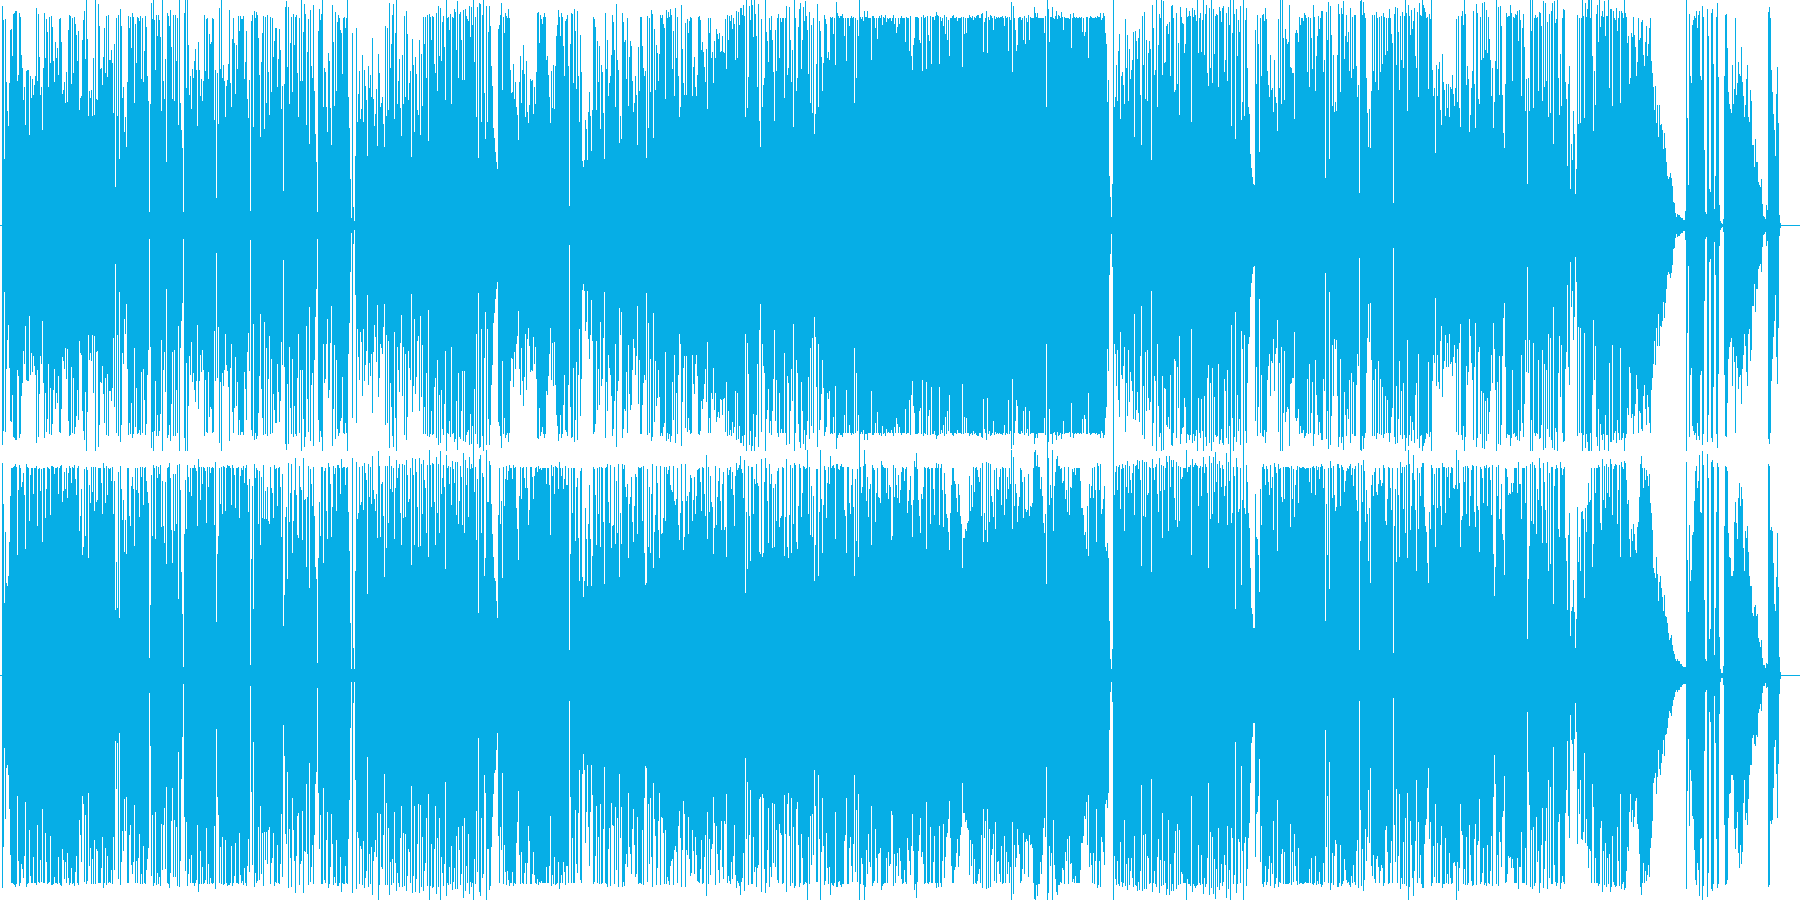 ノリノリのギターインストの再生済みの波形